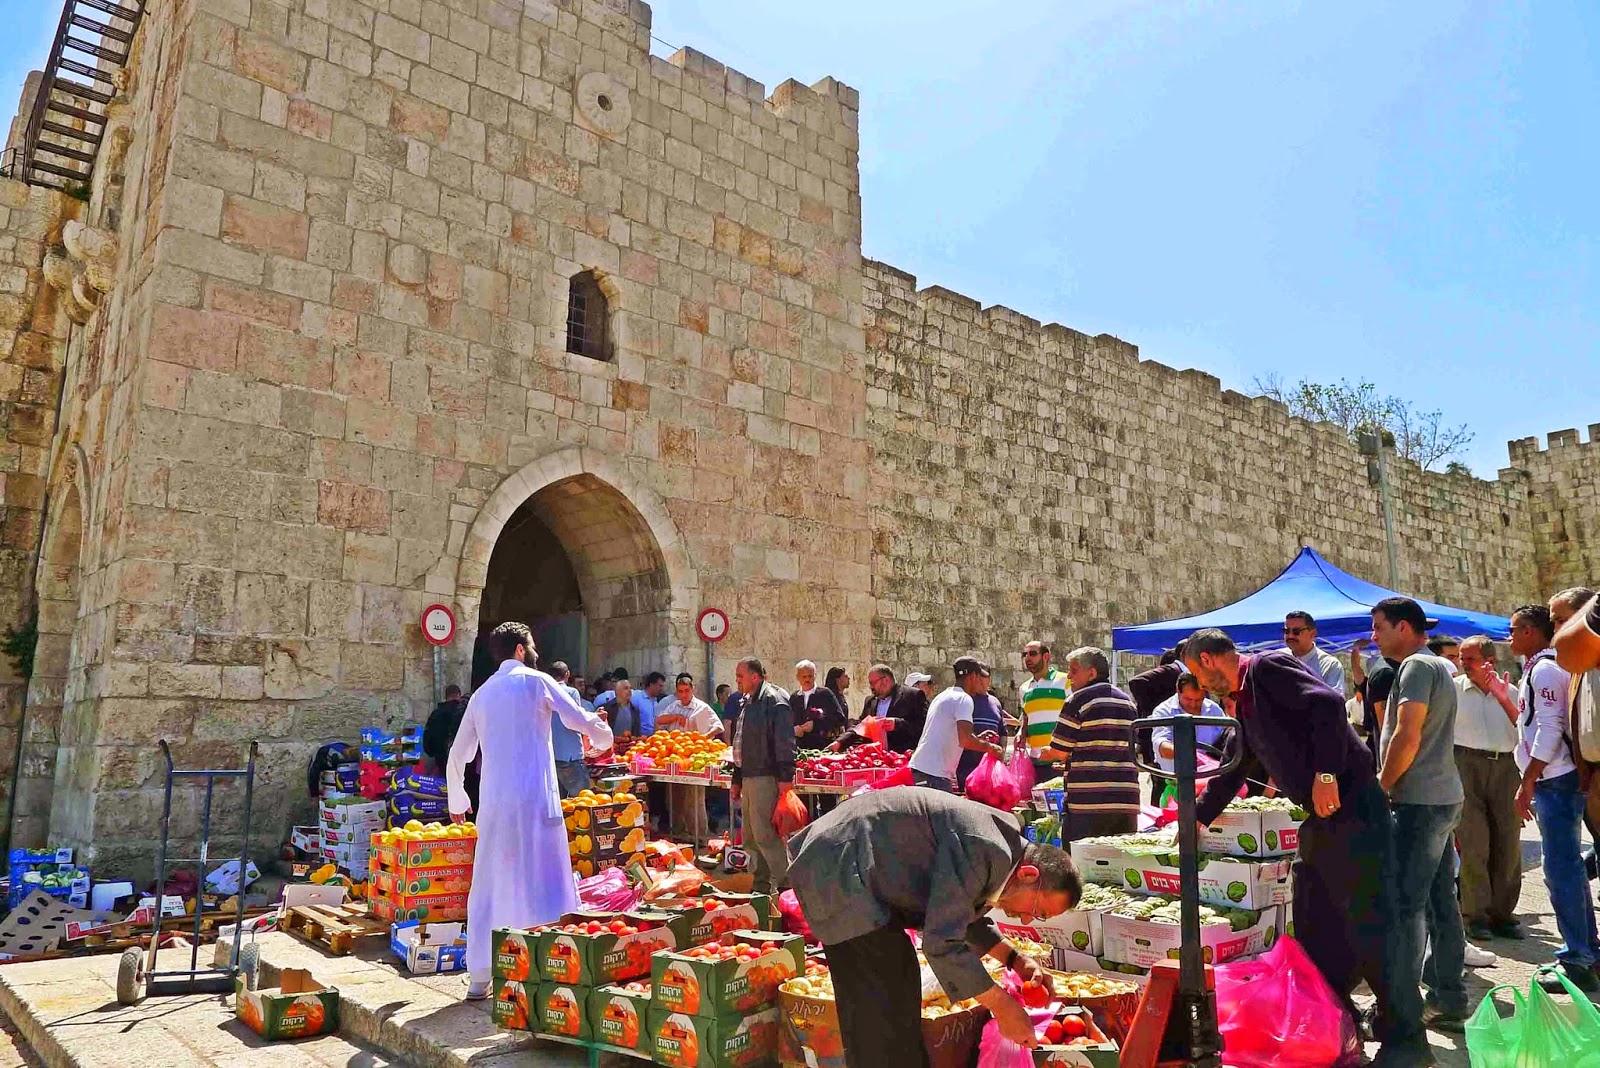 Jerusalem Souk